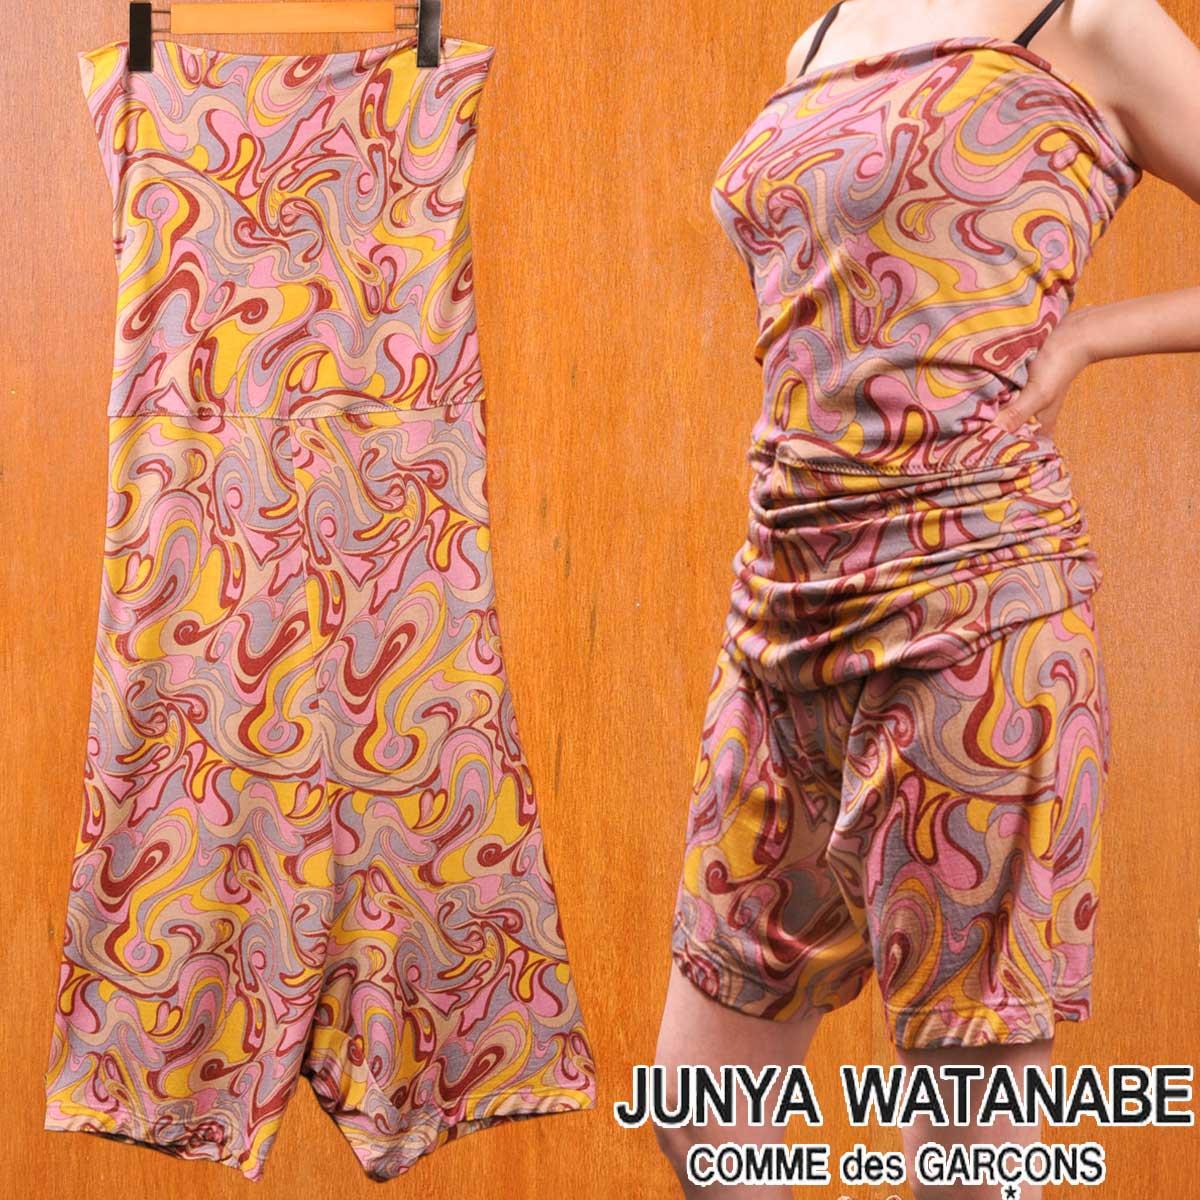 2008年 日本製 / JUNYA WATANABE COMME des GARCONS ジュンヤワタナベ コム・デ・ギャルソン / ロンパースワンピース / ピンク×ベージュ×グレー系 サイケマーブル柄 / レディースSS【中古】▽